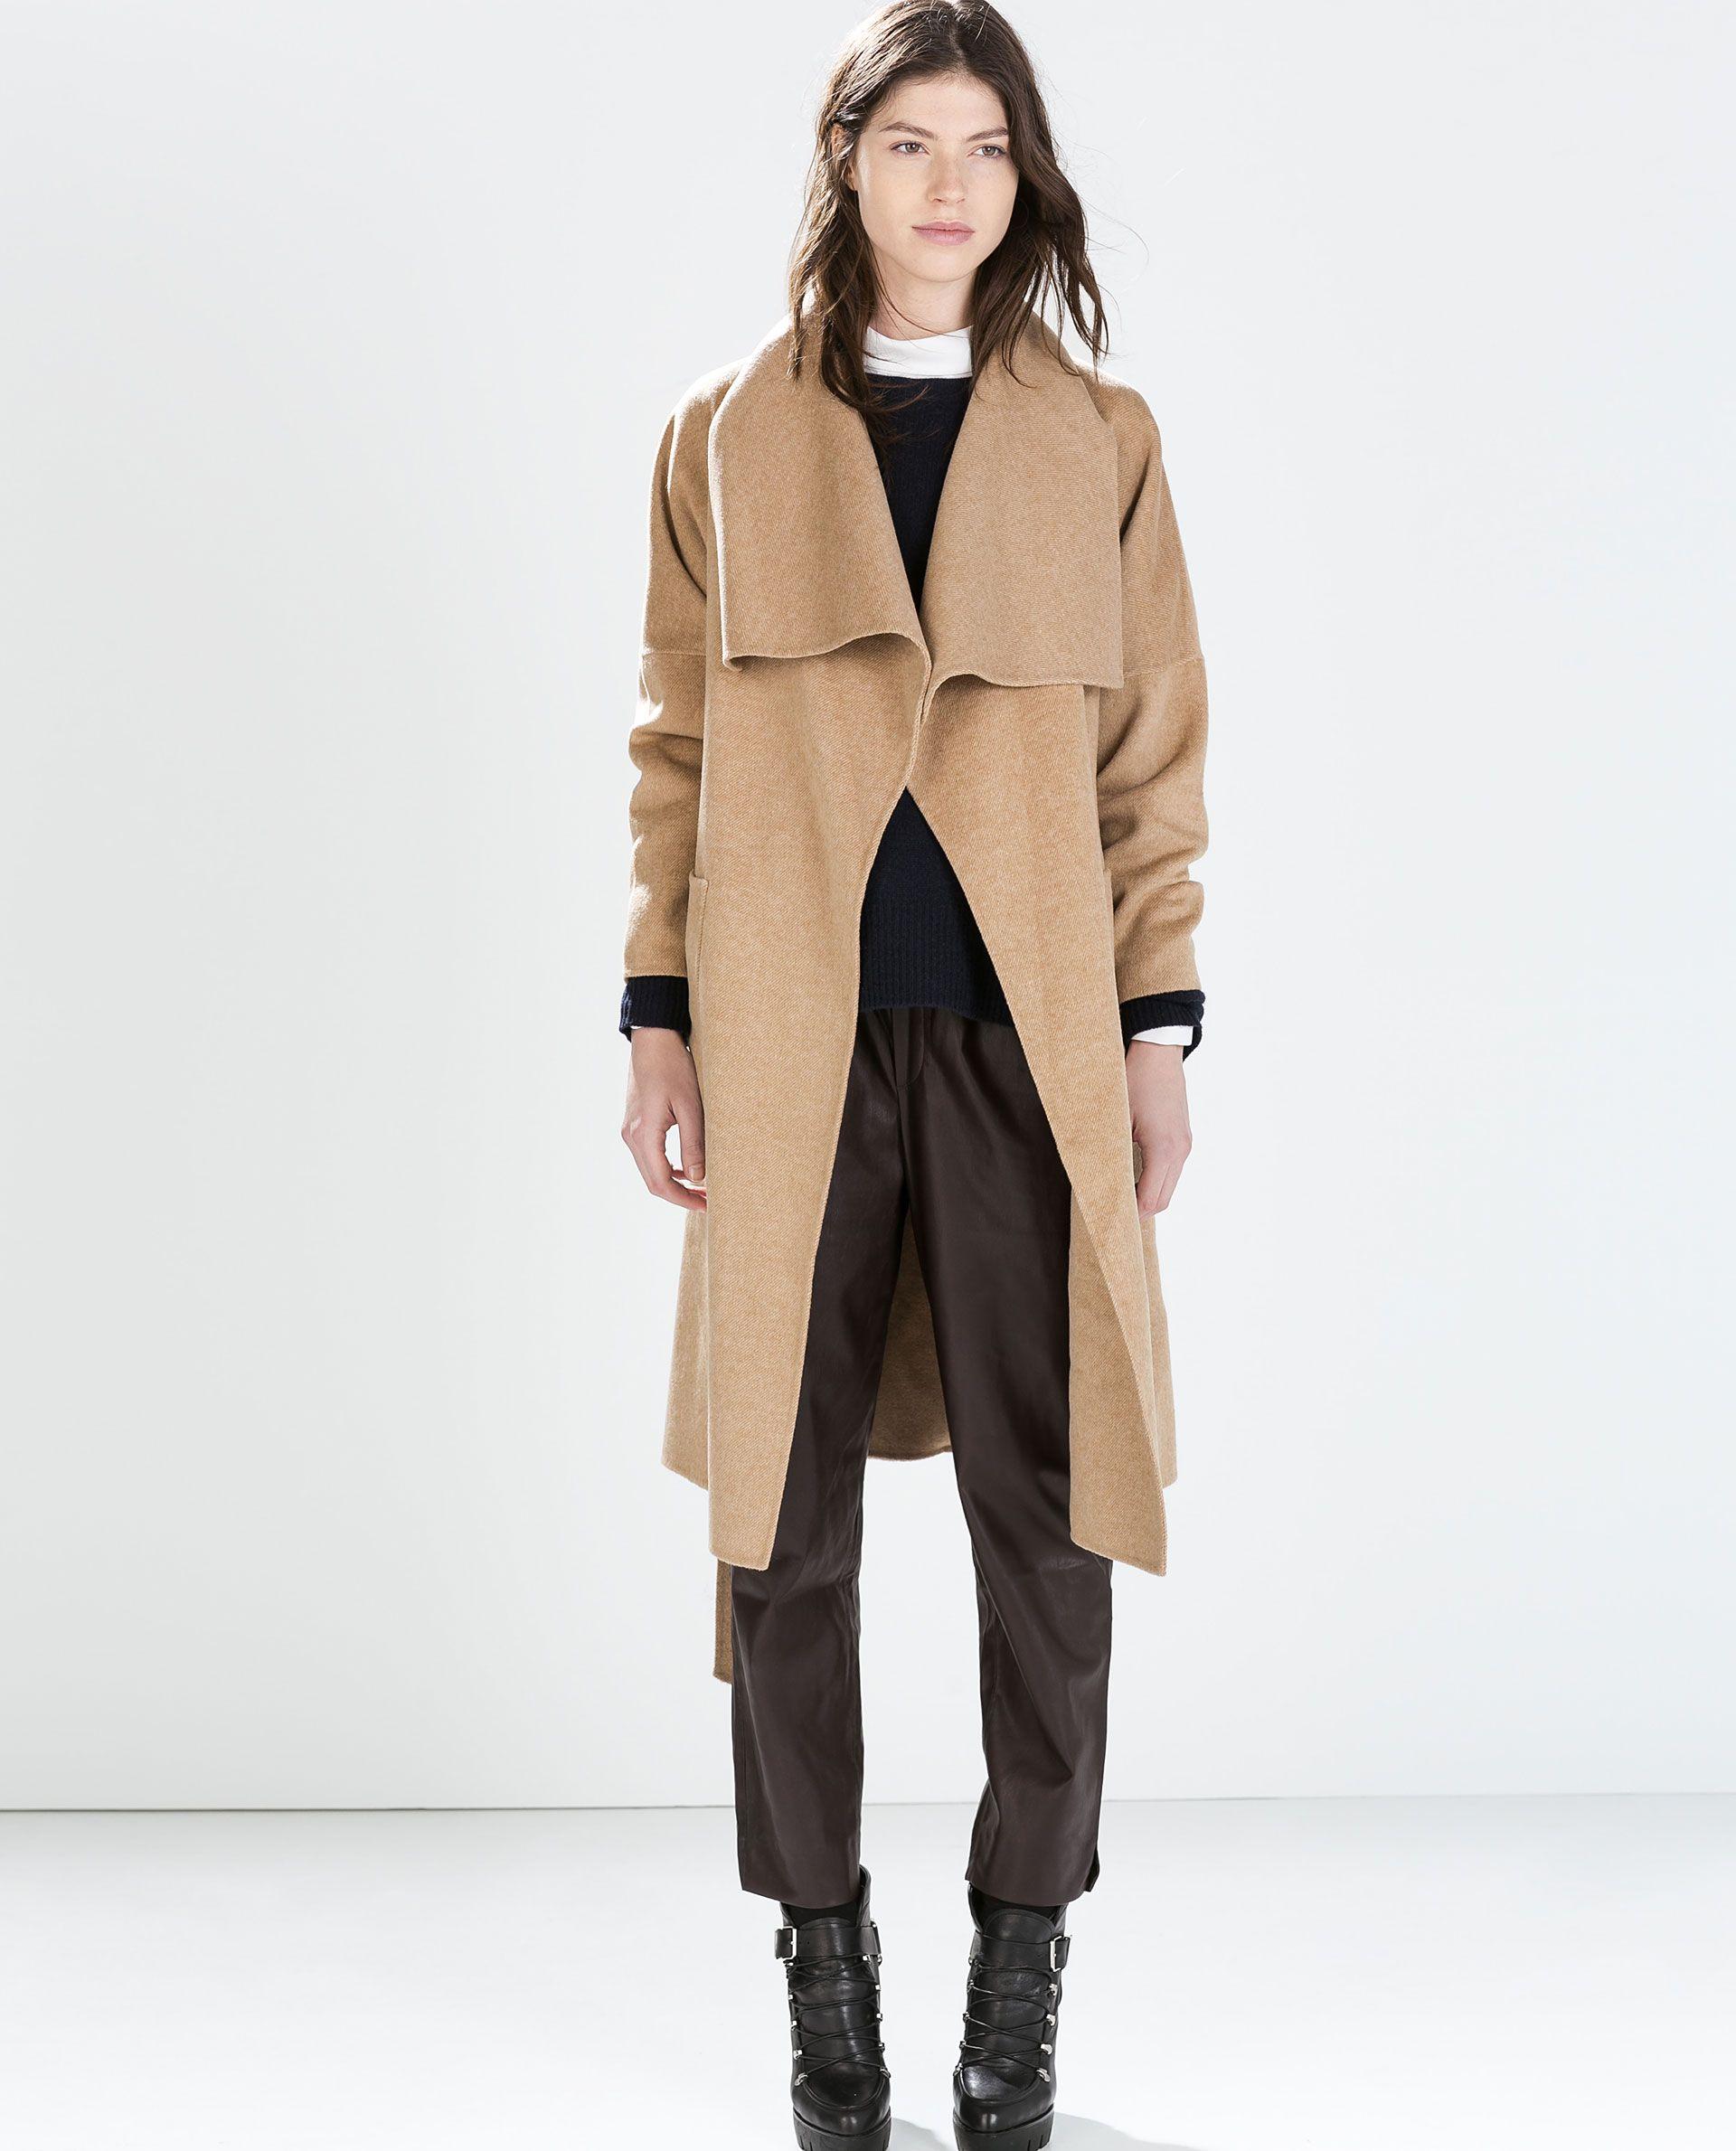 Zara jacken online kaufen